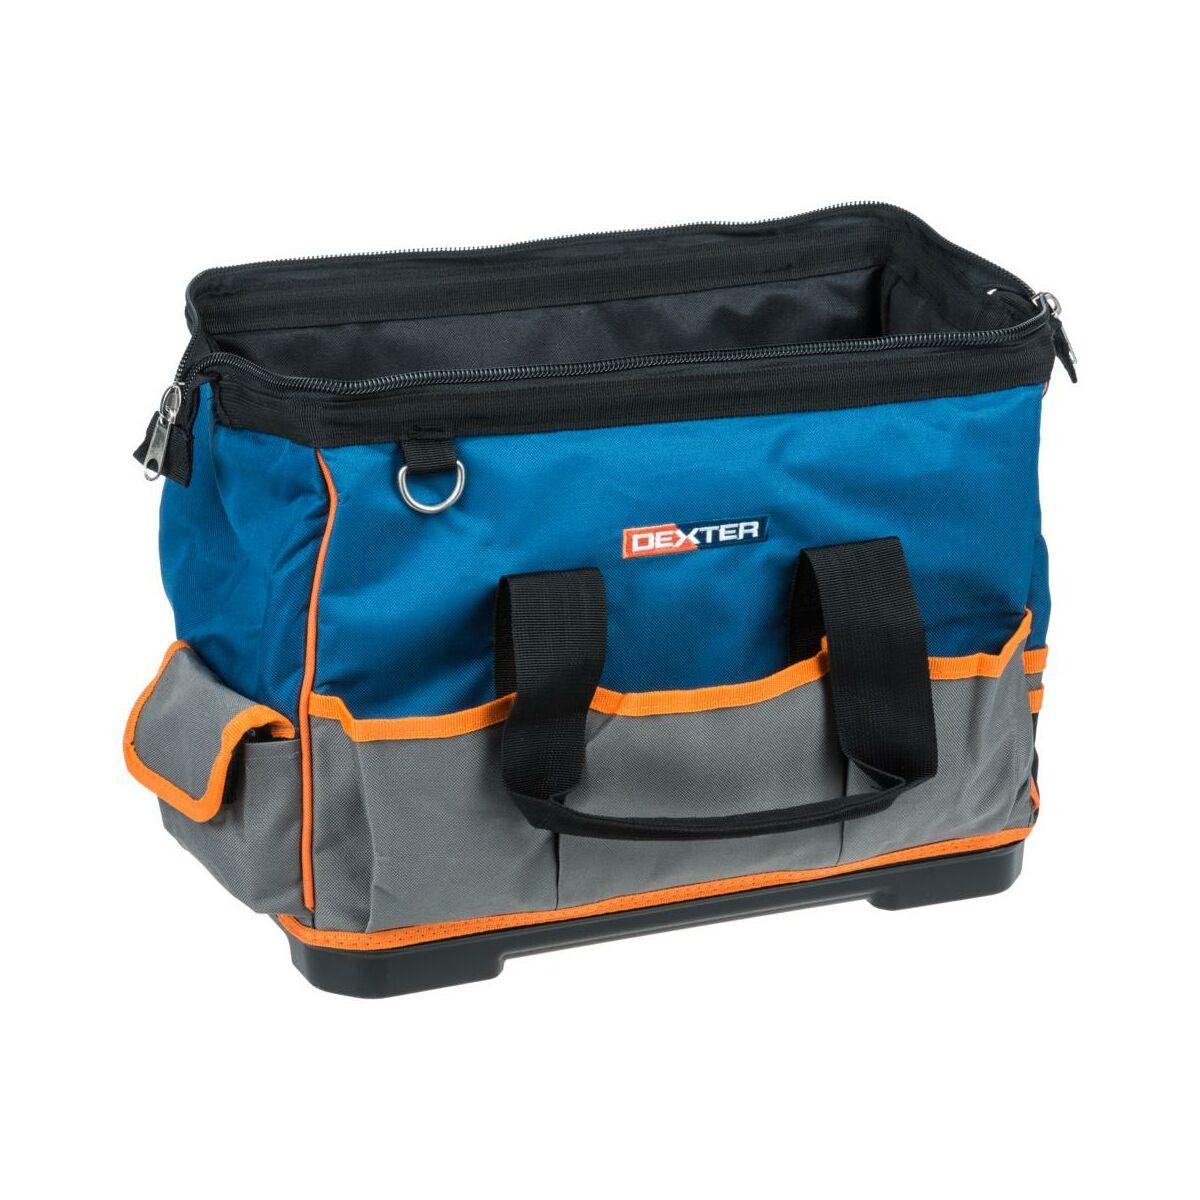 3dafea2b86f6b Składane pudełko 991260B DEXTER - Skrzynki i torby narzędziowe - w ...